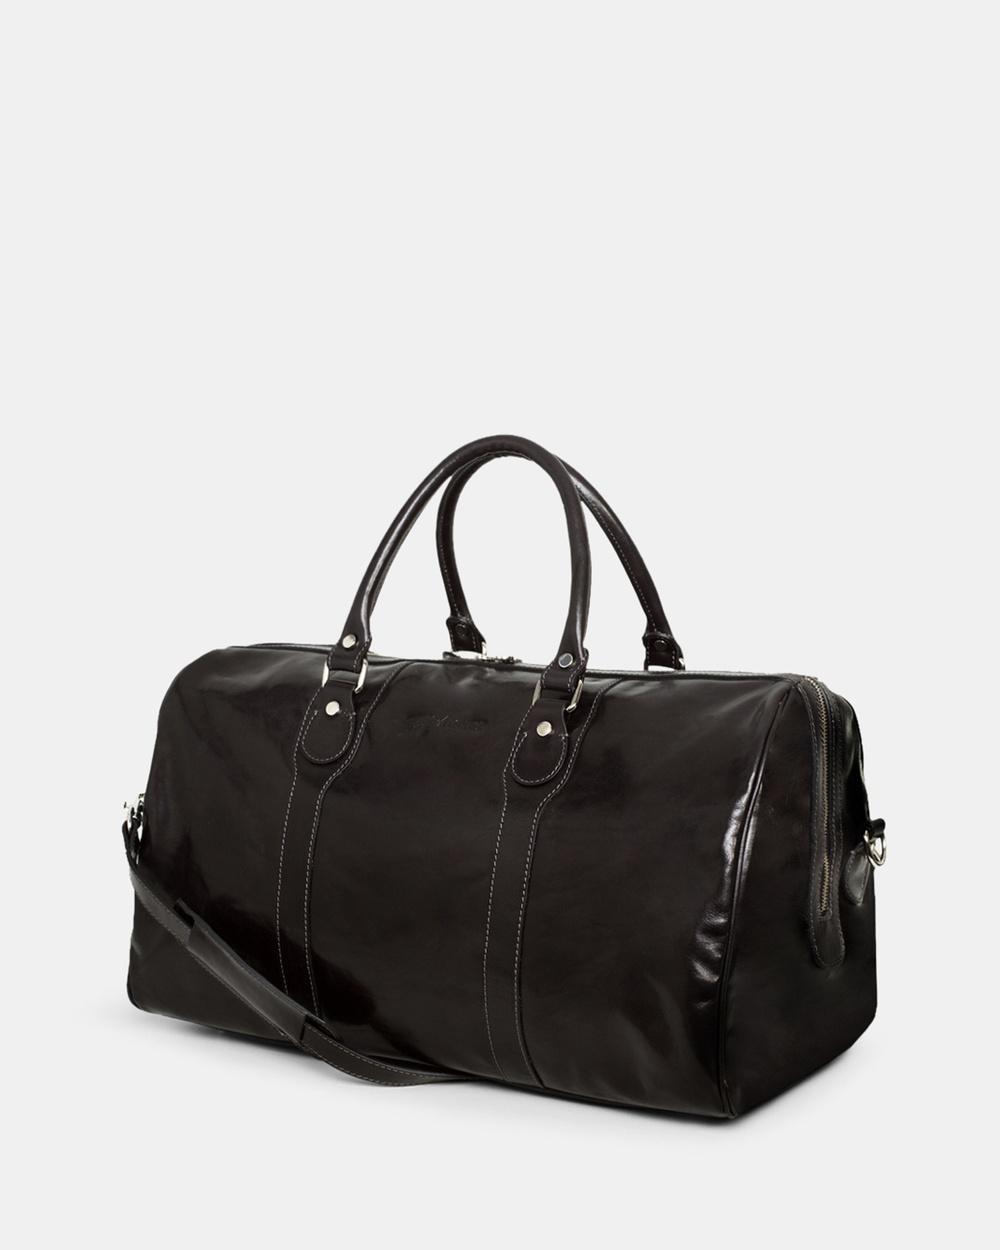 Republic of Florence Beltrami Weekender Duffle Bags Black